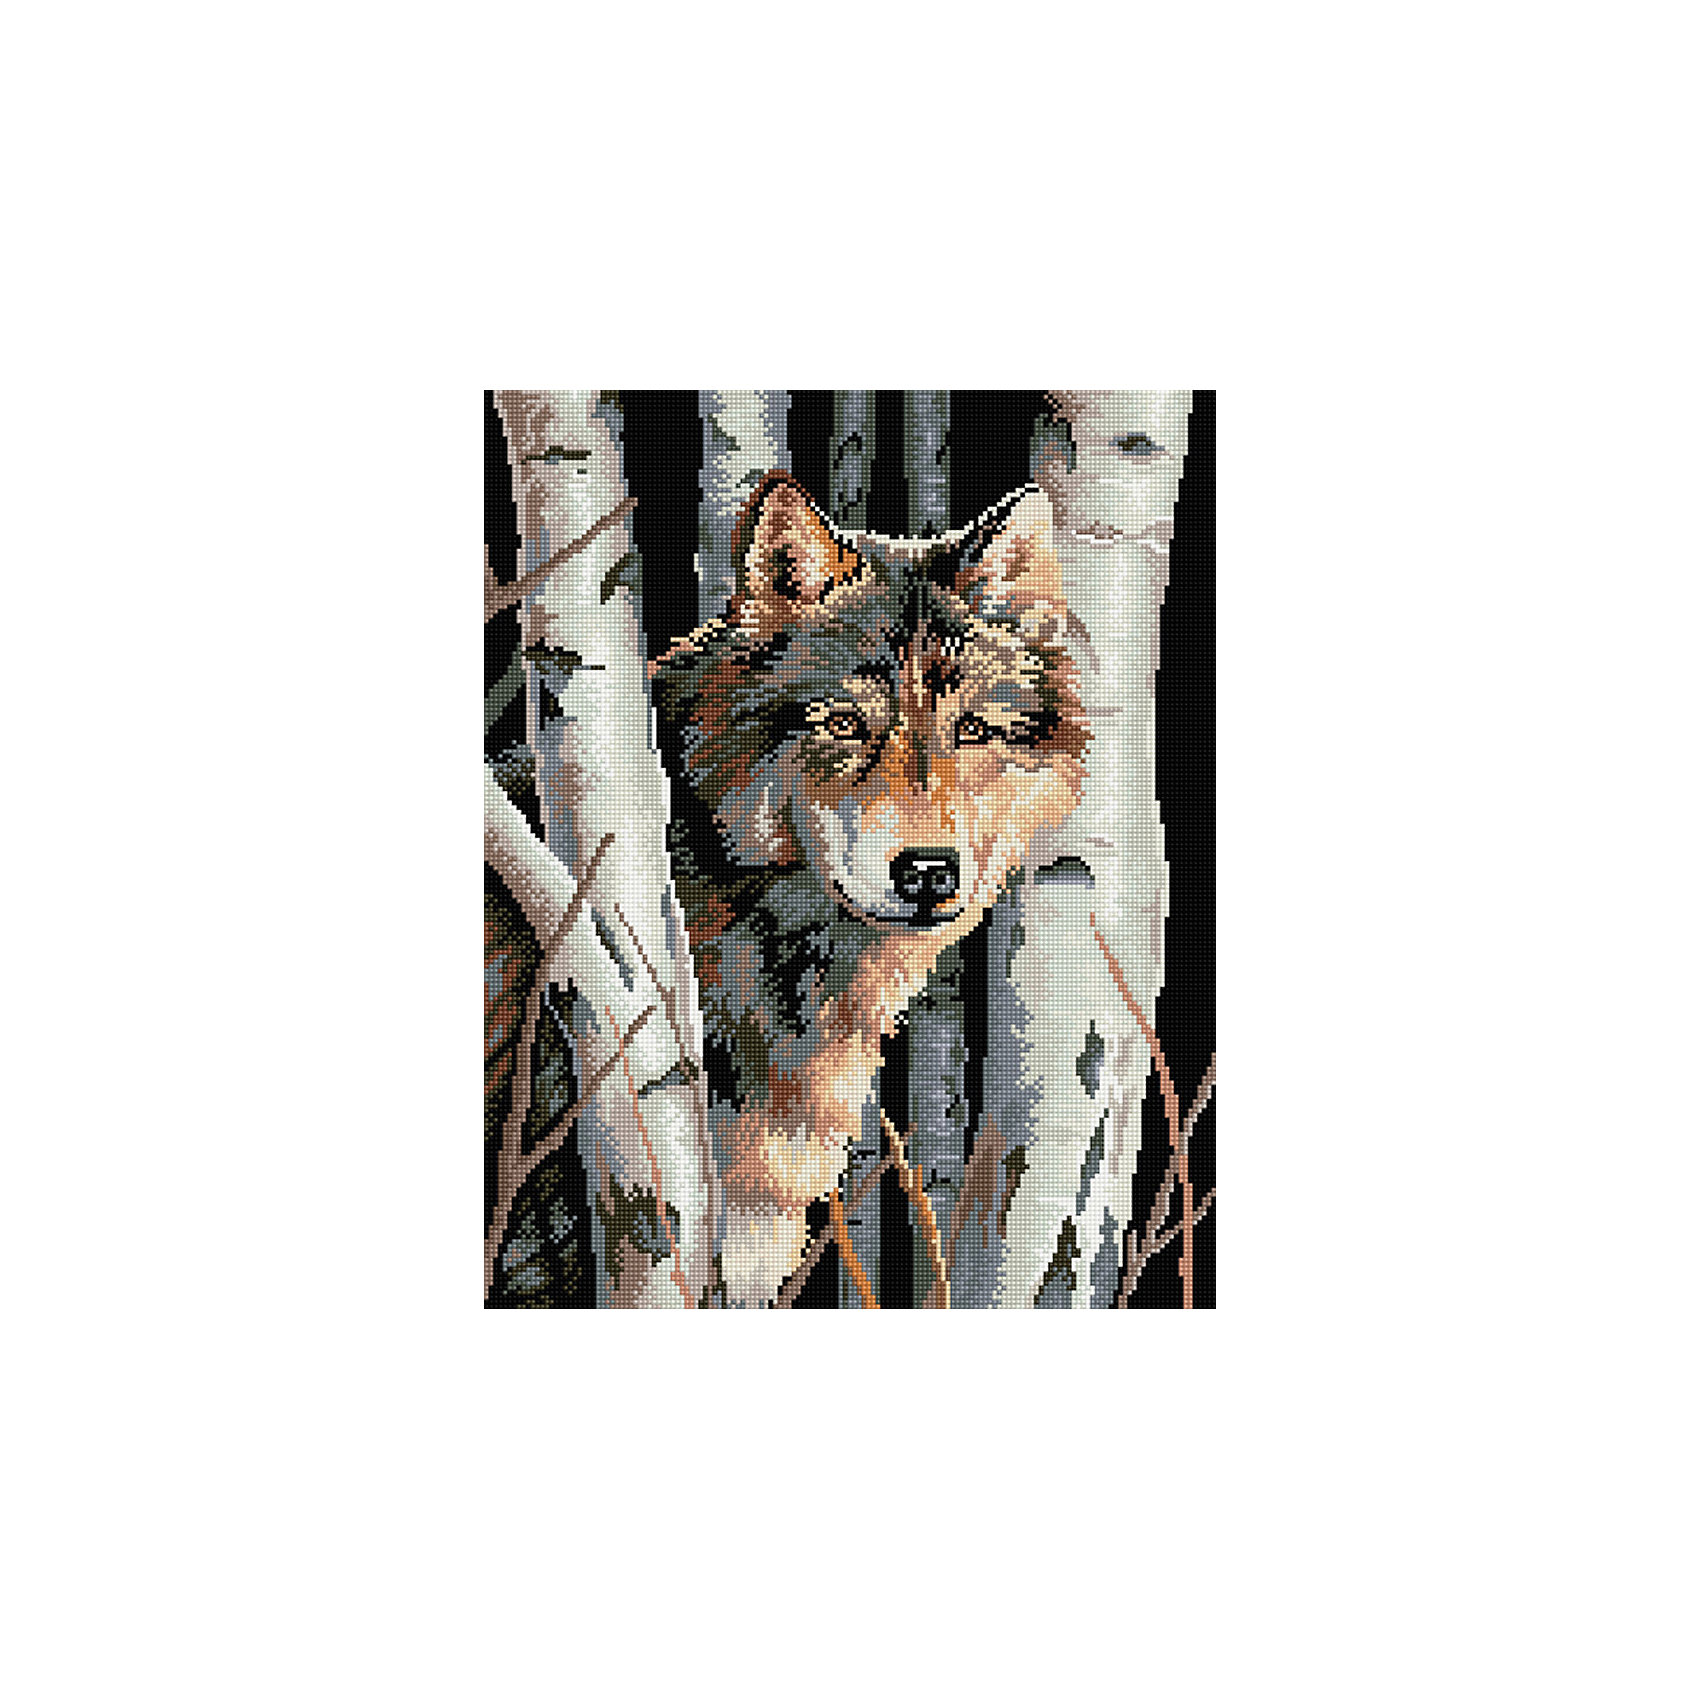 Алмазная мозаика Волк 40*50 смМозаика<br>Характеристики:<br><br>• Предназначение: для занятий творчеством в технике алмазной живописи<br>• Тематика: Животные<br>• Пол: для девочек<br>• Уровень сложности: средний<br>• Материал: дерево, бумага, акрил, пластик<br>• Цвет: белый, серый, черный, оттенки коричневого и др.<br>• Количество цветов: 24<br>• Комплектация: холст на подрамнике, стразы, пинцет, карандаш для камней, клей, лоток для камней, инструкция<br>• Размеры (Ш*Д): 40*50 см<br>• Тип выкладки камней: сплошное заполнение рисунка<br>• Стразы квадратной формы <br>• Вес: 900 г <br>• Упаковка: картонная коробка<br><br>Алмазная мозаика Волк 40*50 см – это набор для создания картины в технике алмазной живописи. Набор для творчества включает в себя холст, на который нанесена схема рисунка, комплекта разноцветных страз квадратной формы, подрамника и инструментов для выкладки узора. Все использованные в наборе материалы экологичные и нетоксичные. Картина выполняется в технике сплошного заполнения декоративными элементами поверхности холста, что обеспечивает высокую реалистичность рисунка. На схеме изображен волк среди берез. <br>Готовые наборы для алмазной мозаики – это оптимальный вариант для любителей рукоделия, так как в них предусмотрены все материалы в требуемом для изготовления картины количестве. Занятия алмазной живописью позволят развивать навыки чтения схем, выполнения заданий по образцу, будут способствовать внимательности, терпению и развитию мелкой моторики. <br>Наборы алмазной мозаики могут быть преподнесены в качестве подарка не только девочкам, но и взрослым любительницам рукоделия.<br><br>Алмазную мозаику Волк 40*50 см можно купить в нашем интернет-магазине.<br><br>Ширина мм: 420<br>Глубина мм: 520<br>Высота мм: 50<br>Вес г: 900<br>Возраст от месяцев: 96<br>Возраст до месяцев: 2147483647<br>Пол: Женский<br>Возраст: Детский<br>SKU: 5217137